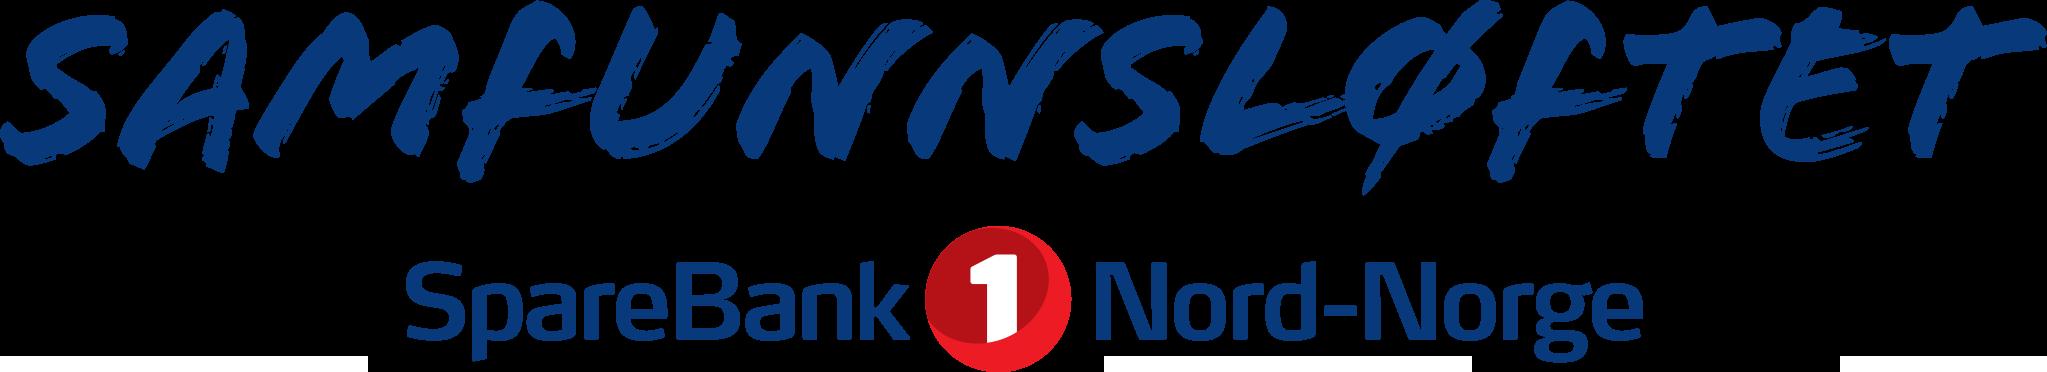 Samfunnsløftet - Sparebank 1 Nord-Norge